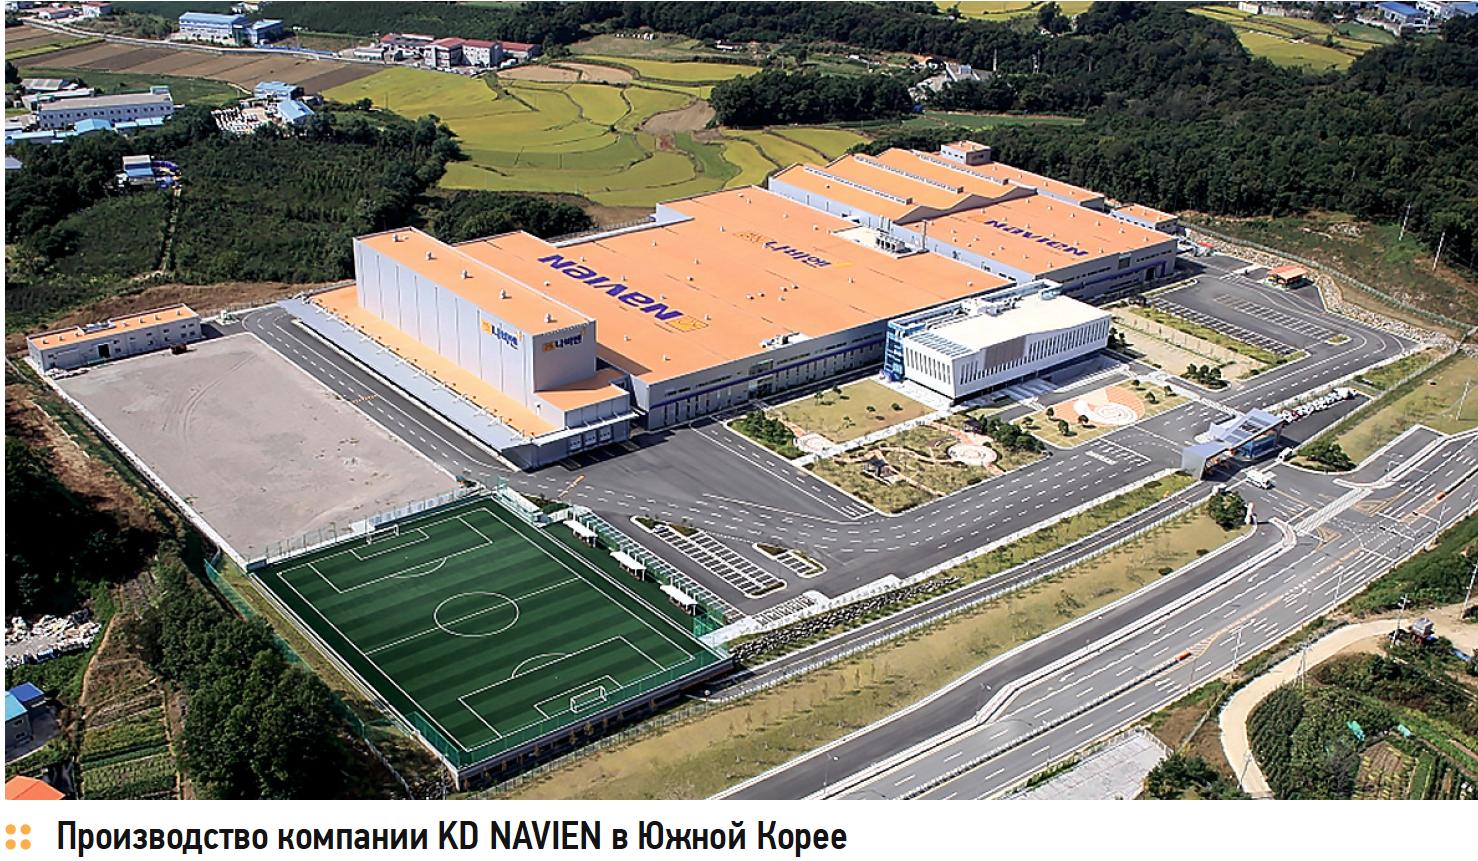 Производство компании KD NAVIEN в Южной Корее